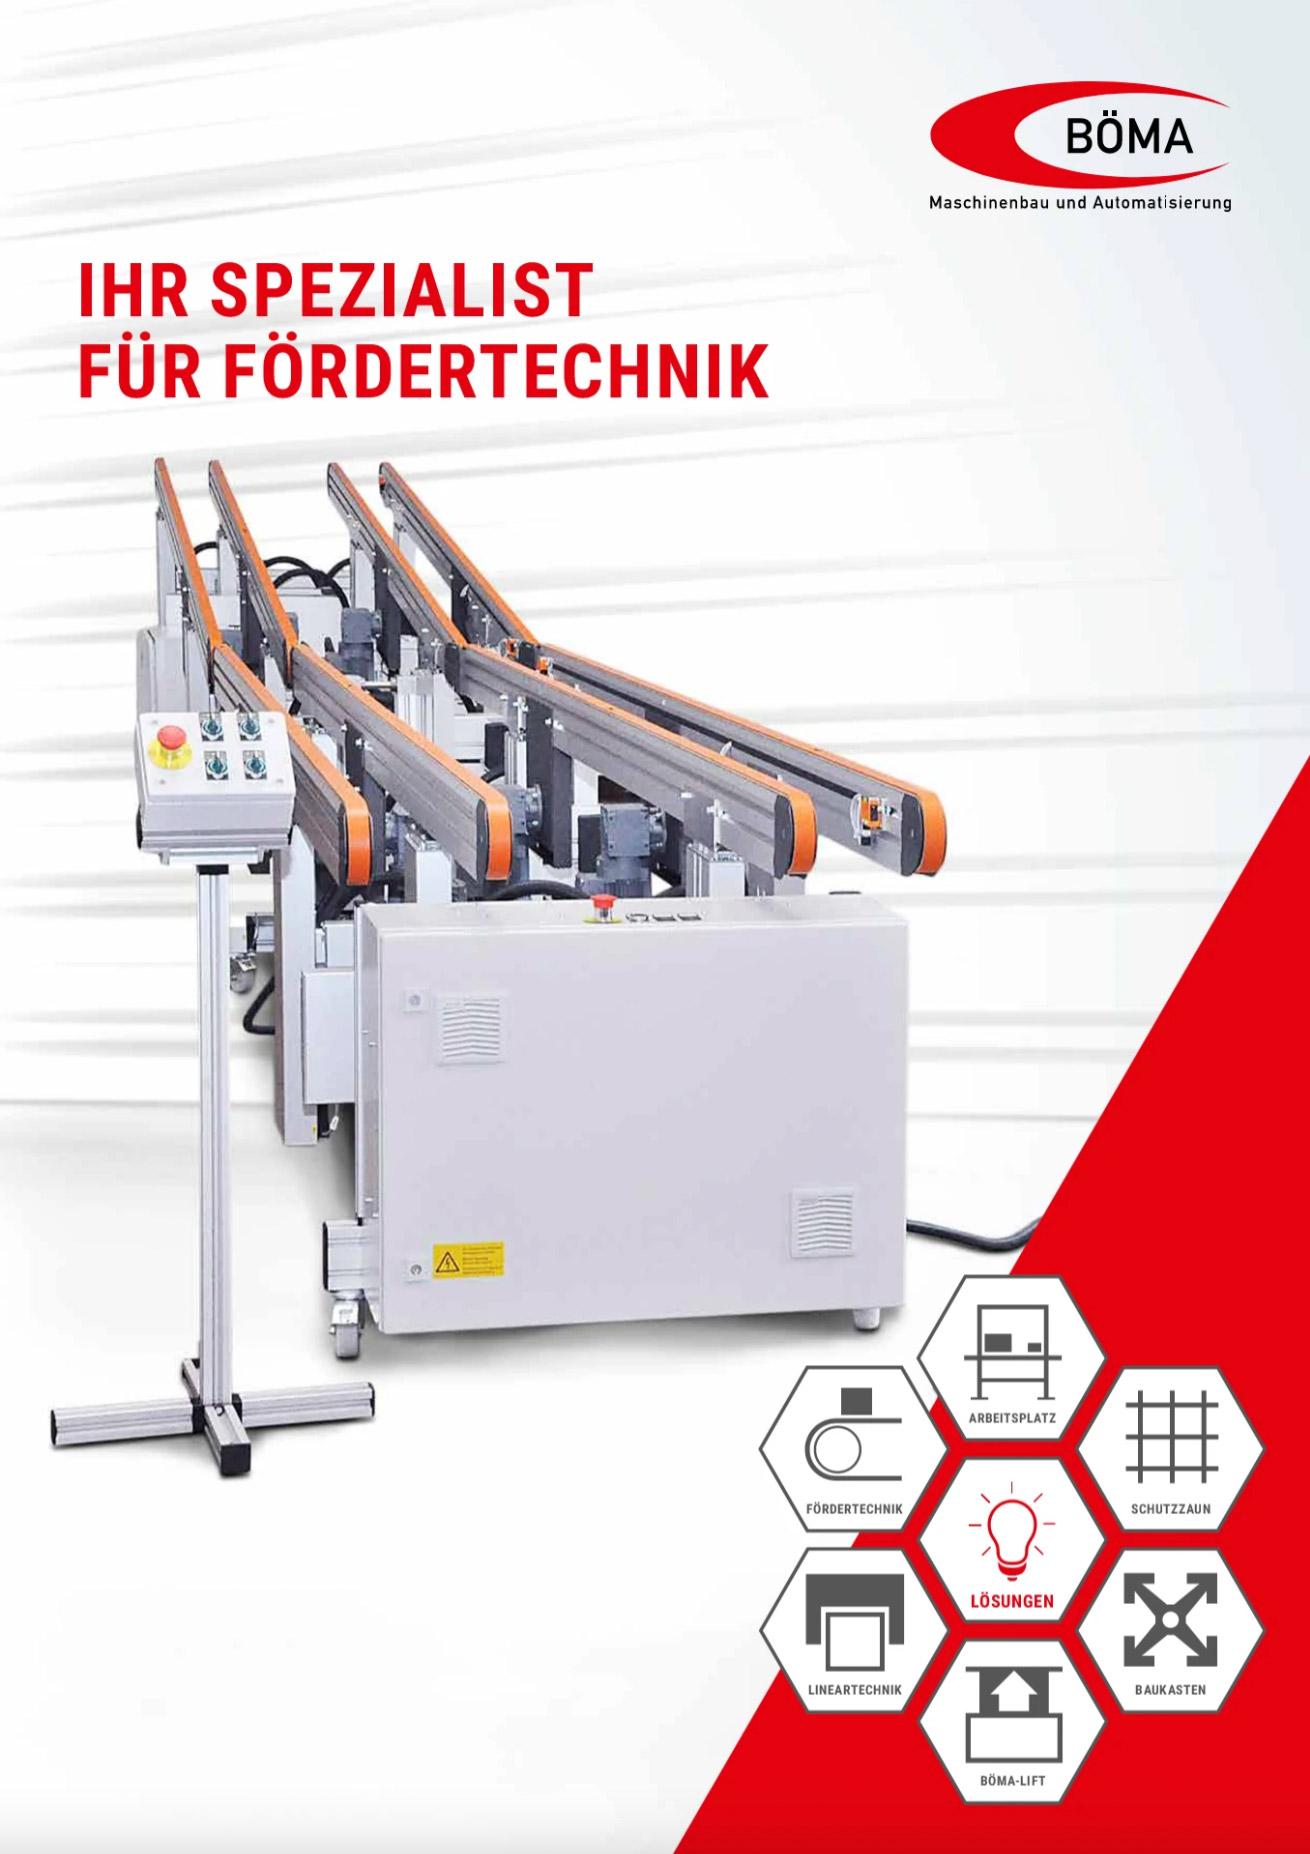 Borschüre Böma Maschinenbau und Fördertechnik aus Alberschwende in Vorarlberg, Österreich